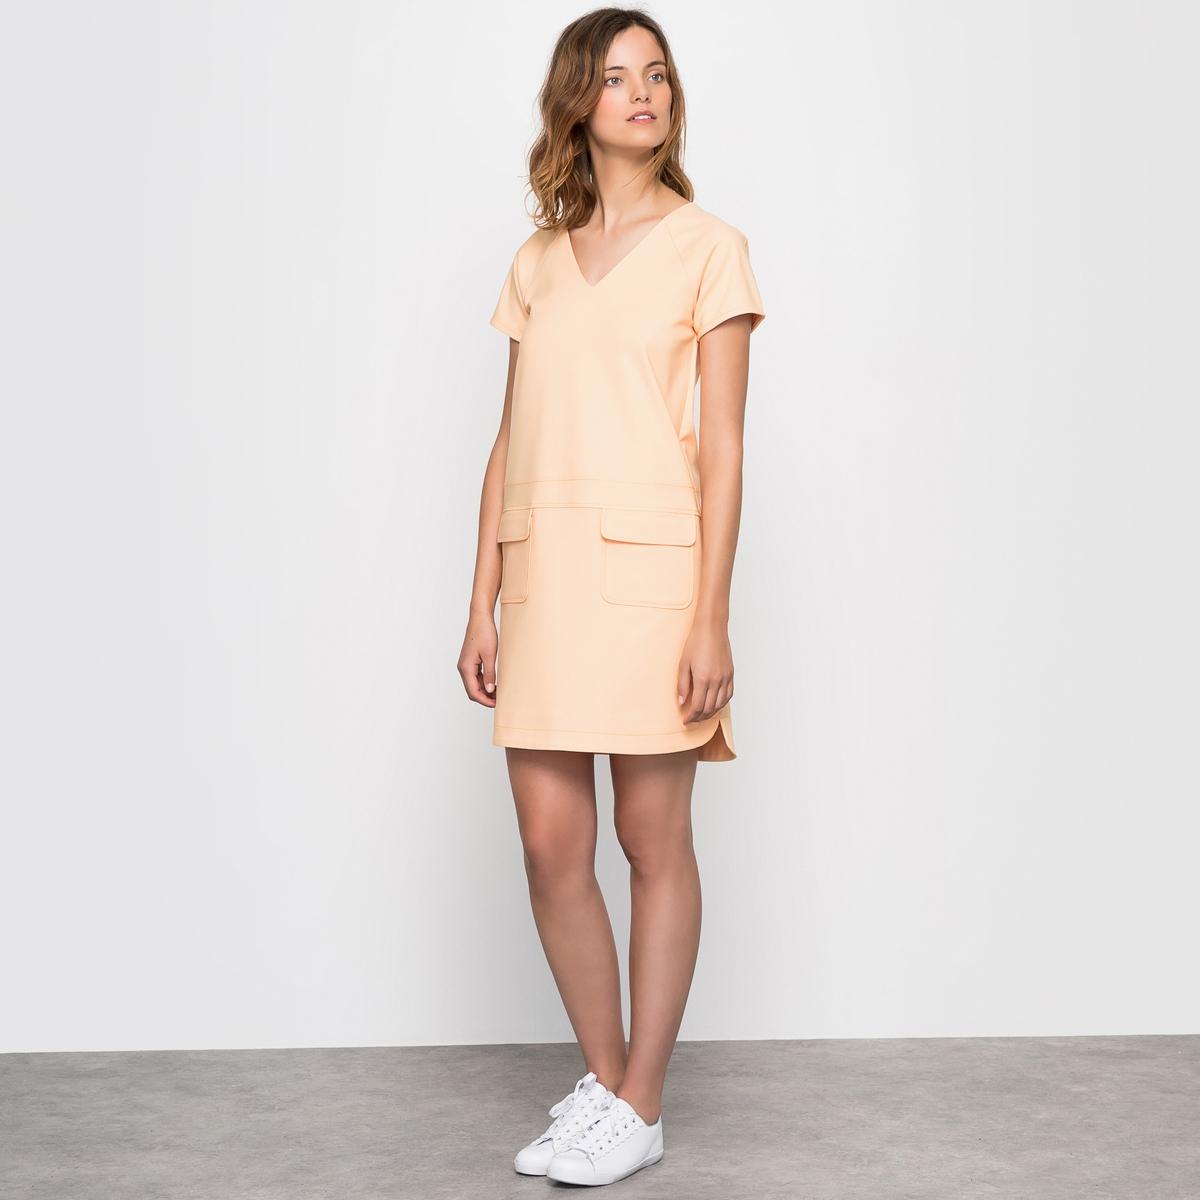 Платье-трапецияПлатье покроя трапеция. Очаровательное и удобное при носке  . Короткие рукава реглан, V-образный вырез, вставка на уровне пояса, 2 накладных кармана с клапанами спереди  . Низ, как у рубашки, закругленные по бокам вырезы, спинка немного длиннее . Состав и описание :Материал : трикотаж милано 45% полиэстера, 51% хлопка, 4% эластана Длина : 92 смМарка : Mademoiselle R УходМашинная стирка при 30°<br><br>Цвет: светло-оранжевый,черный<br>Размер: 38 (FR) - 44 (RUS).34 (FR) - 40 (RUS).34 (FR) - 40 (RUS).36 (FR) - 42 (RUS).36 (FR) - 42 (RUS)